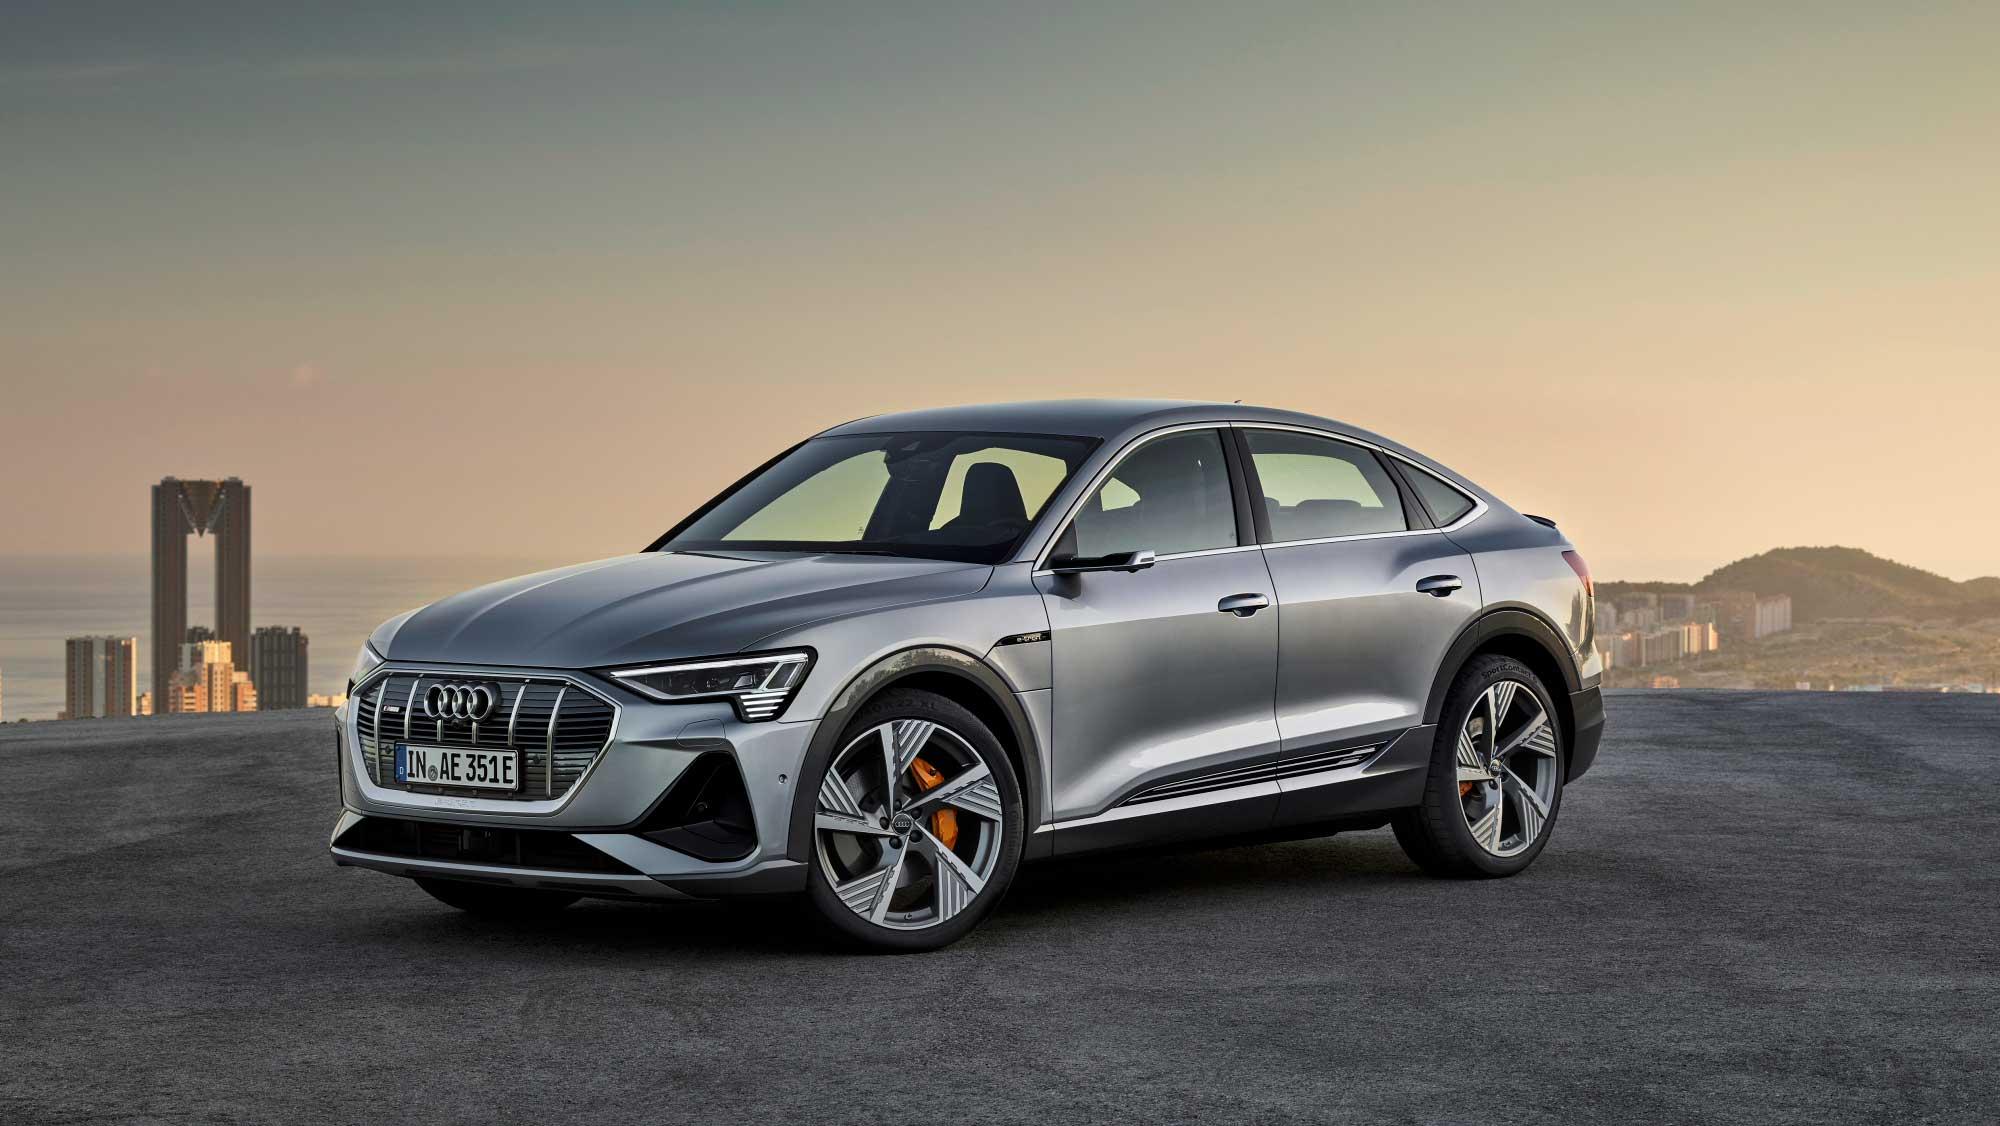 アウディの電気自動車「e-tron」にスポーツバックが追加 | EVsmartブログ